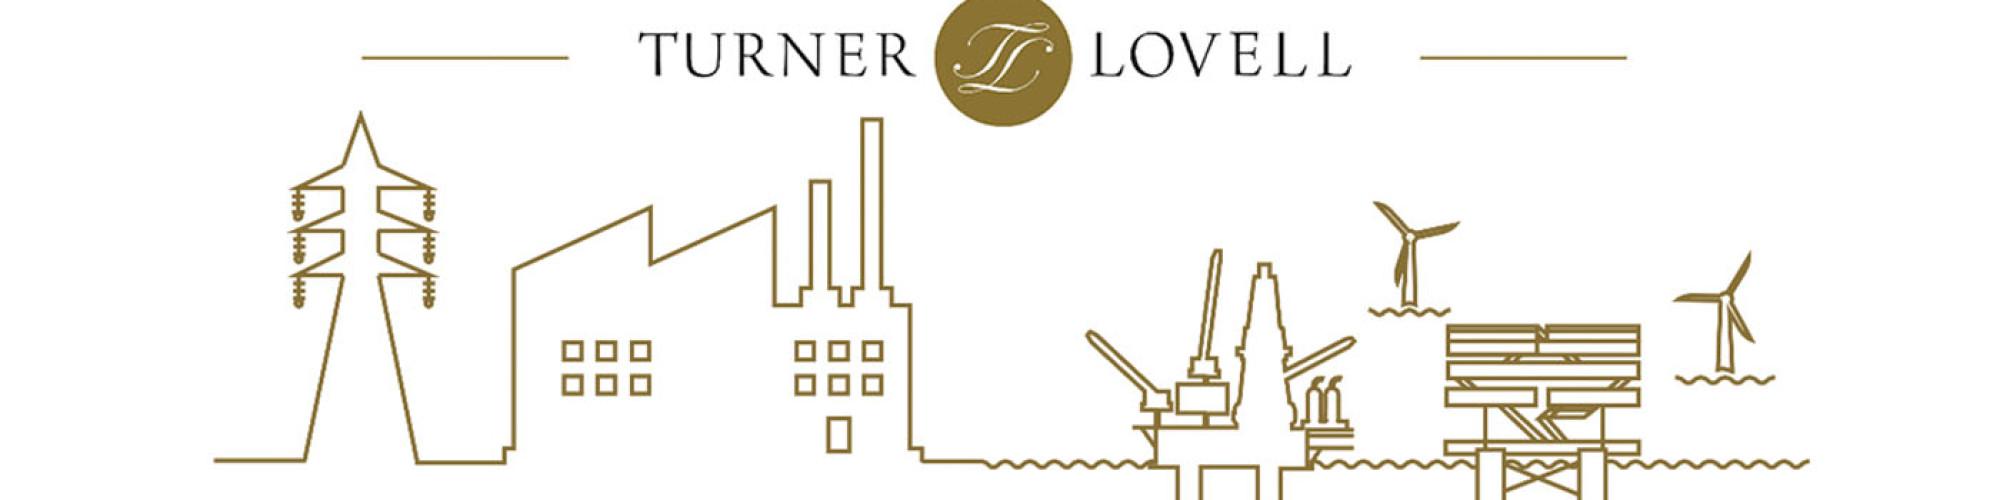 Turner Lovell